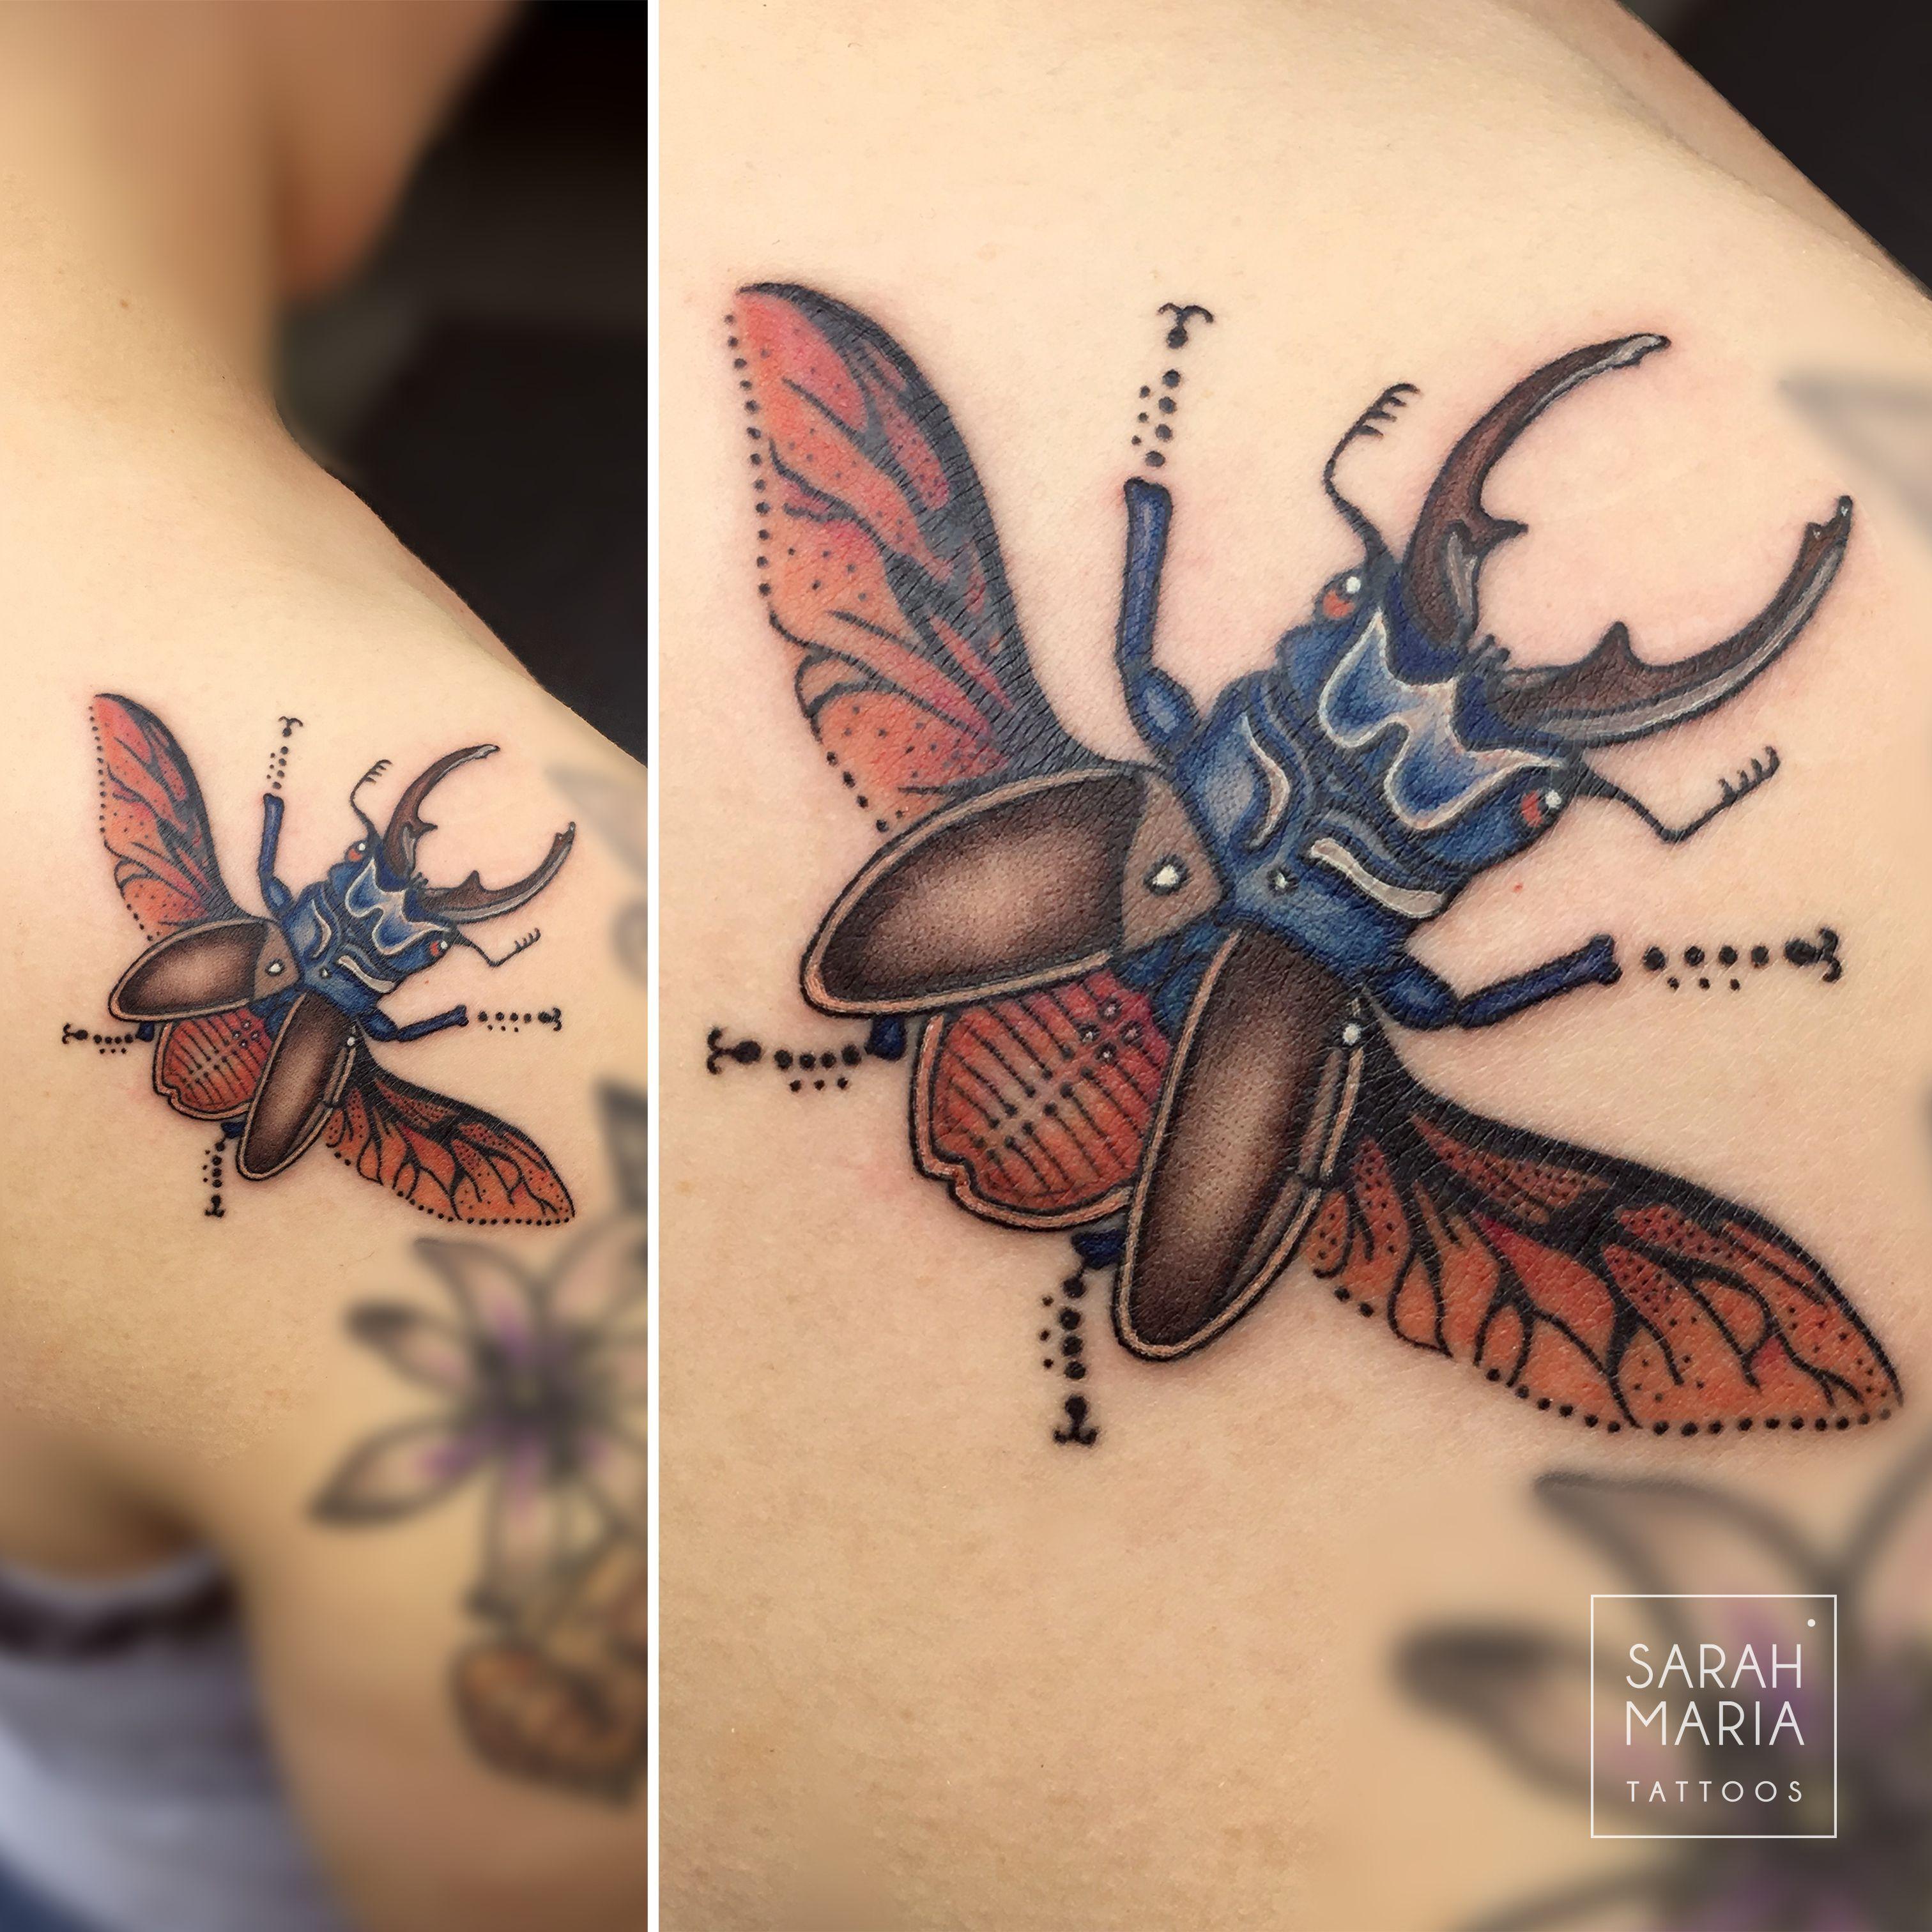 Hirschkafer Tattoo Tattoo Neotraditionaltattoo Colortattoo Stagbeetle Stagbeetletattoo Insecttattoo Naturetat Hirschkafer Tatowierungen Insekten Tattoo